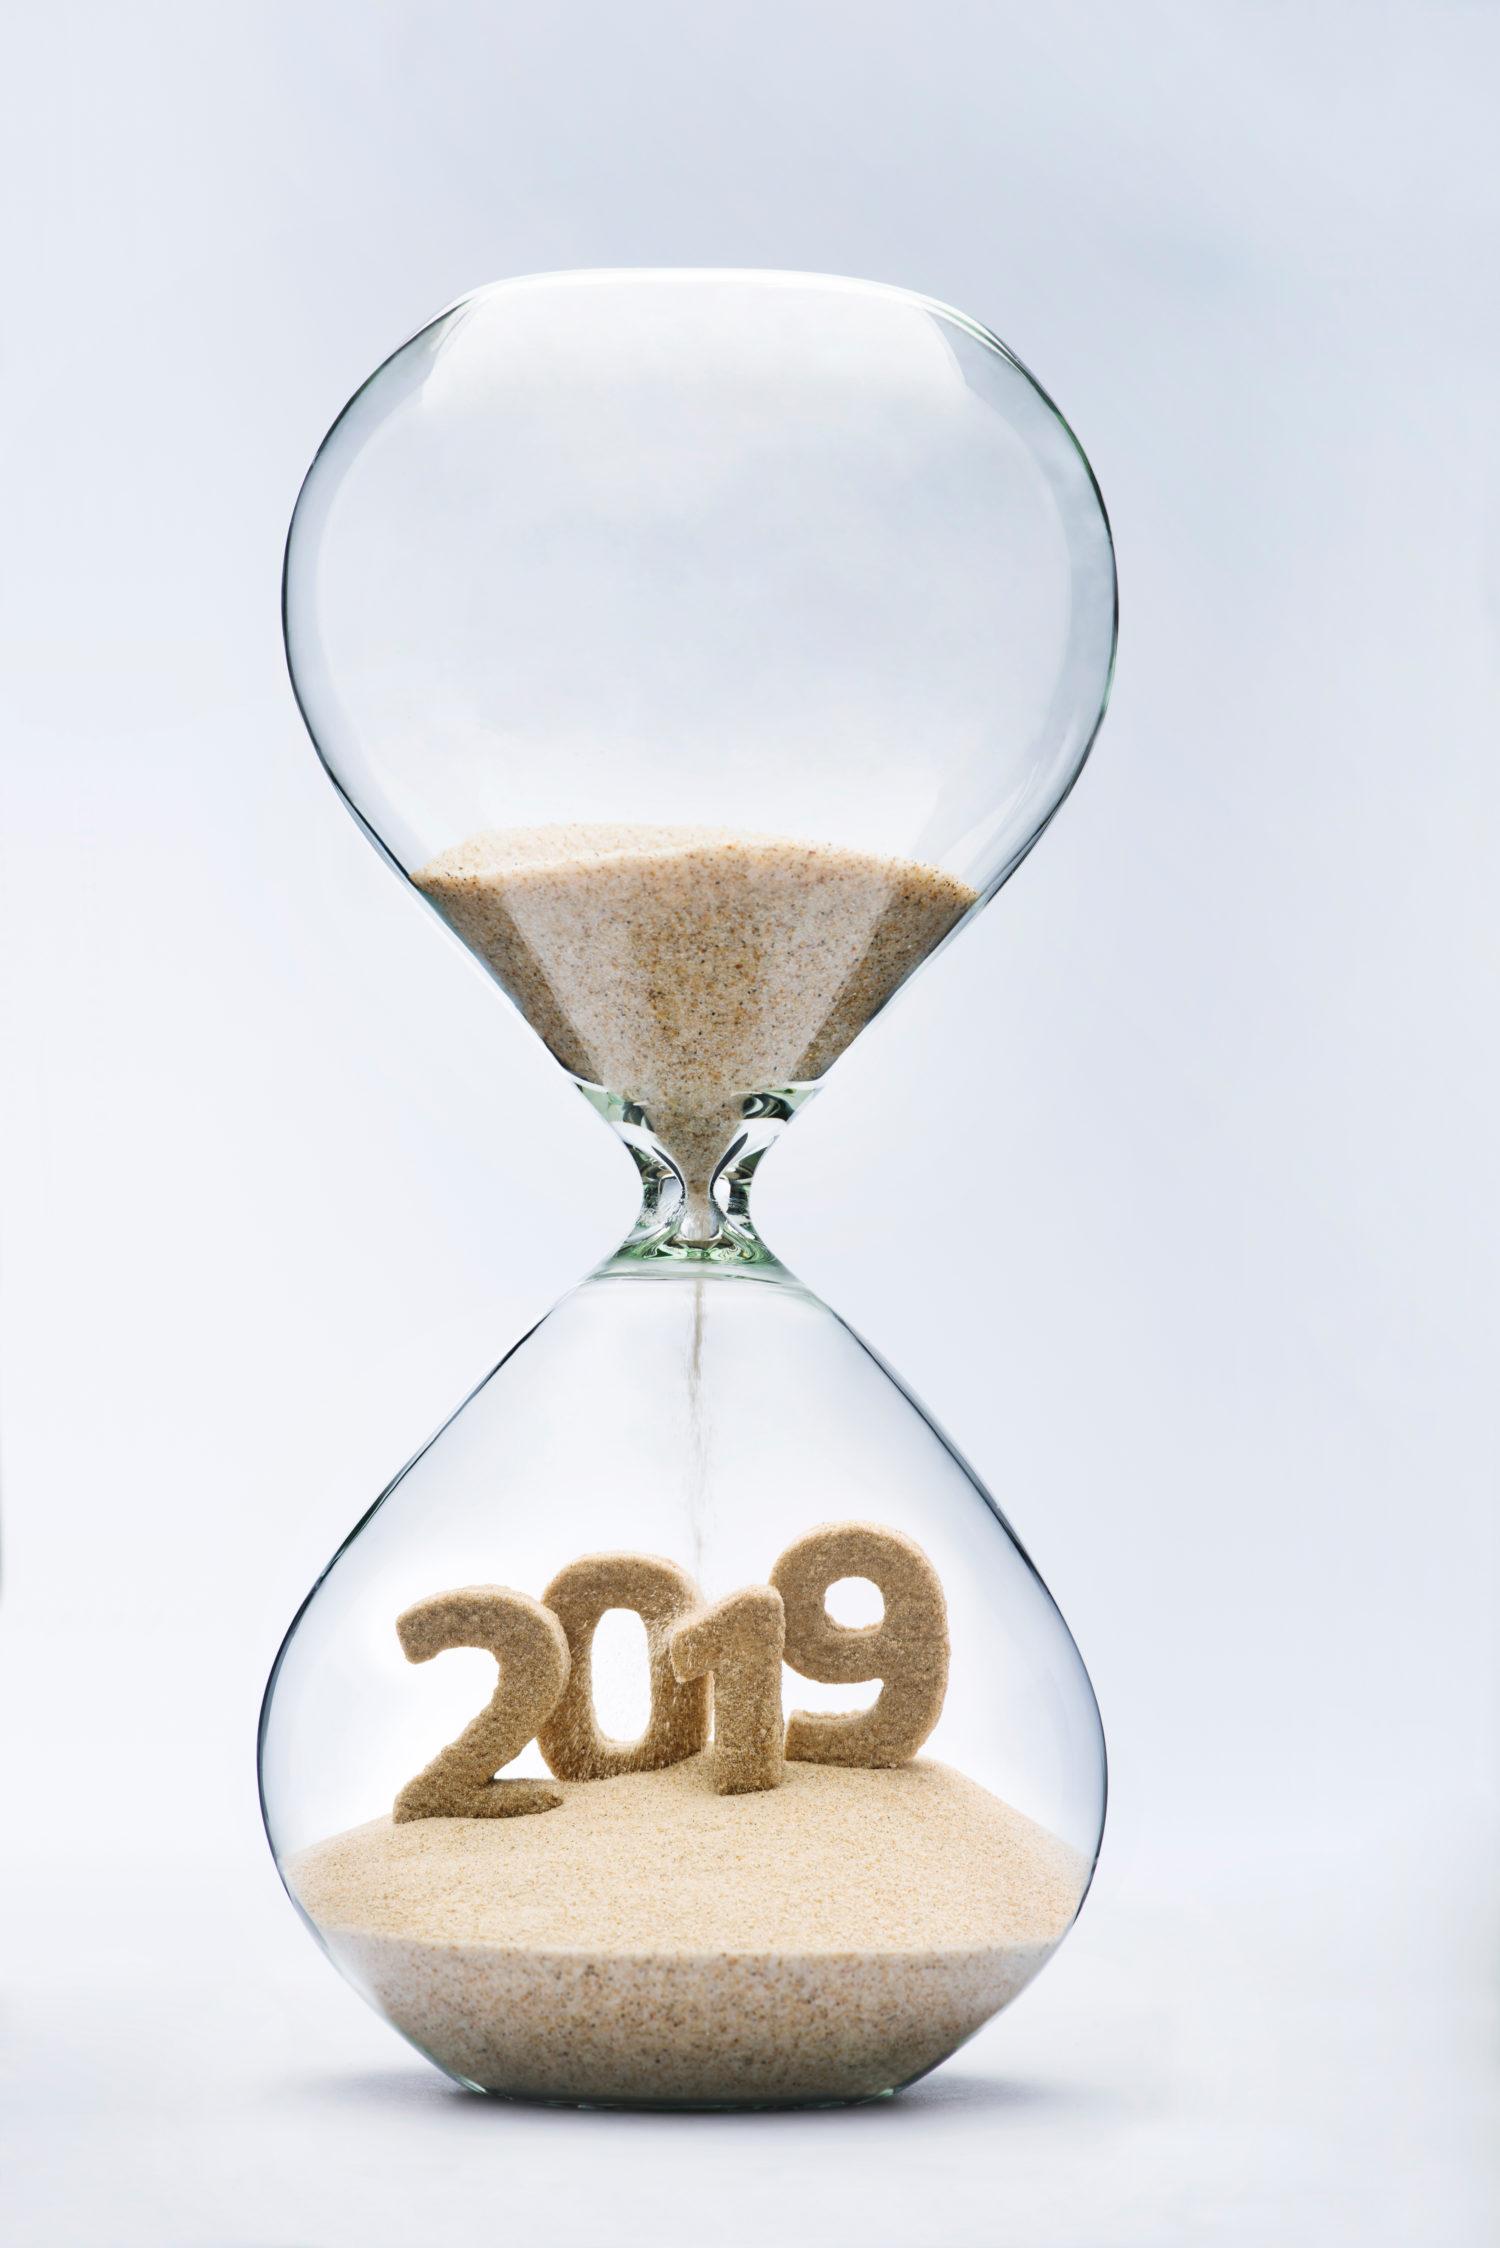 Pensez à votre carte de vœux digitales pour 2019